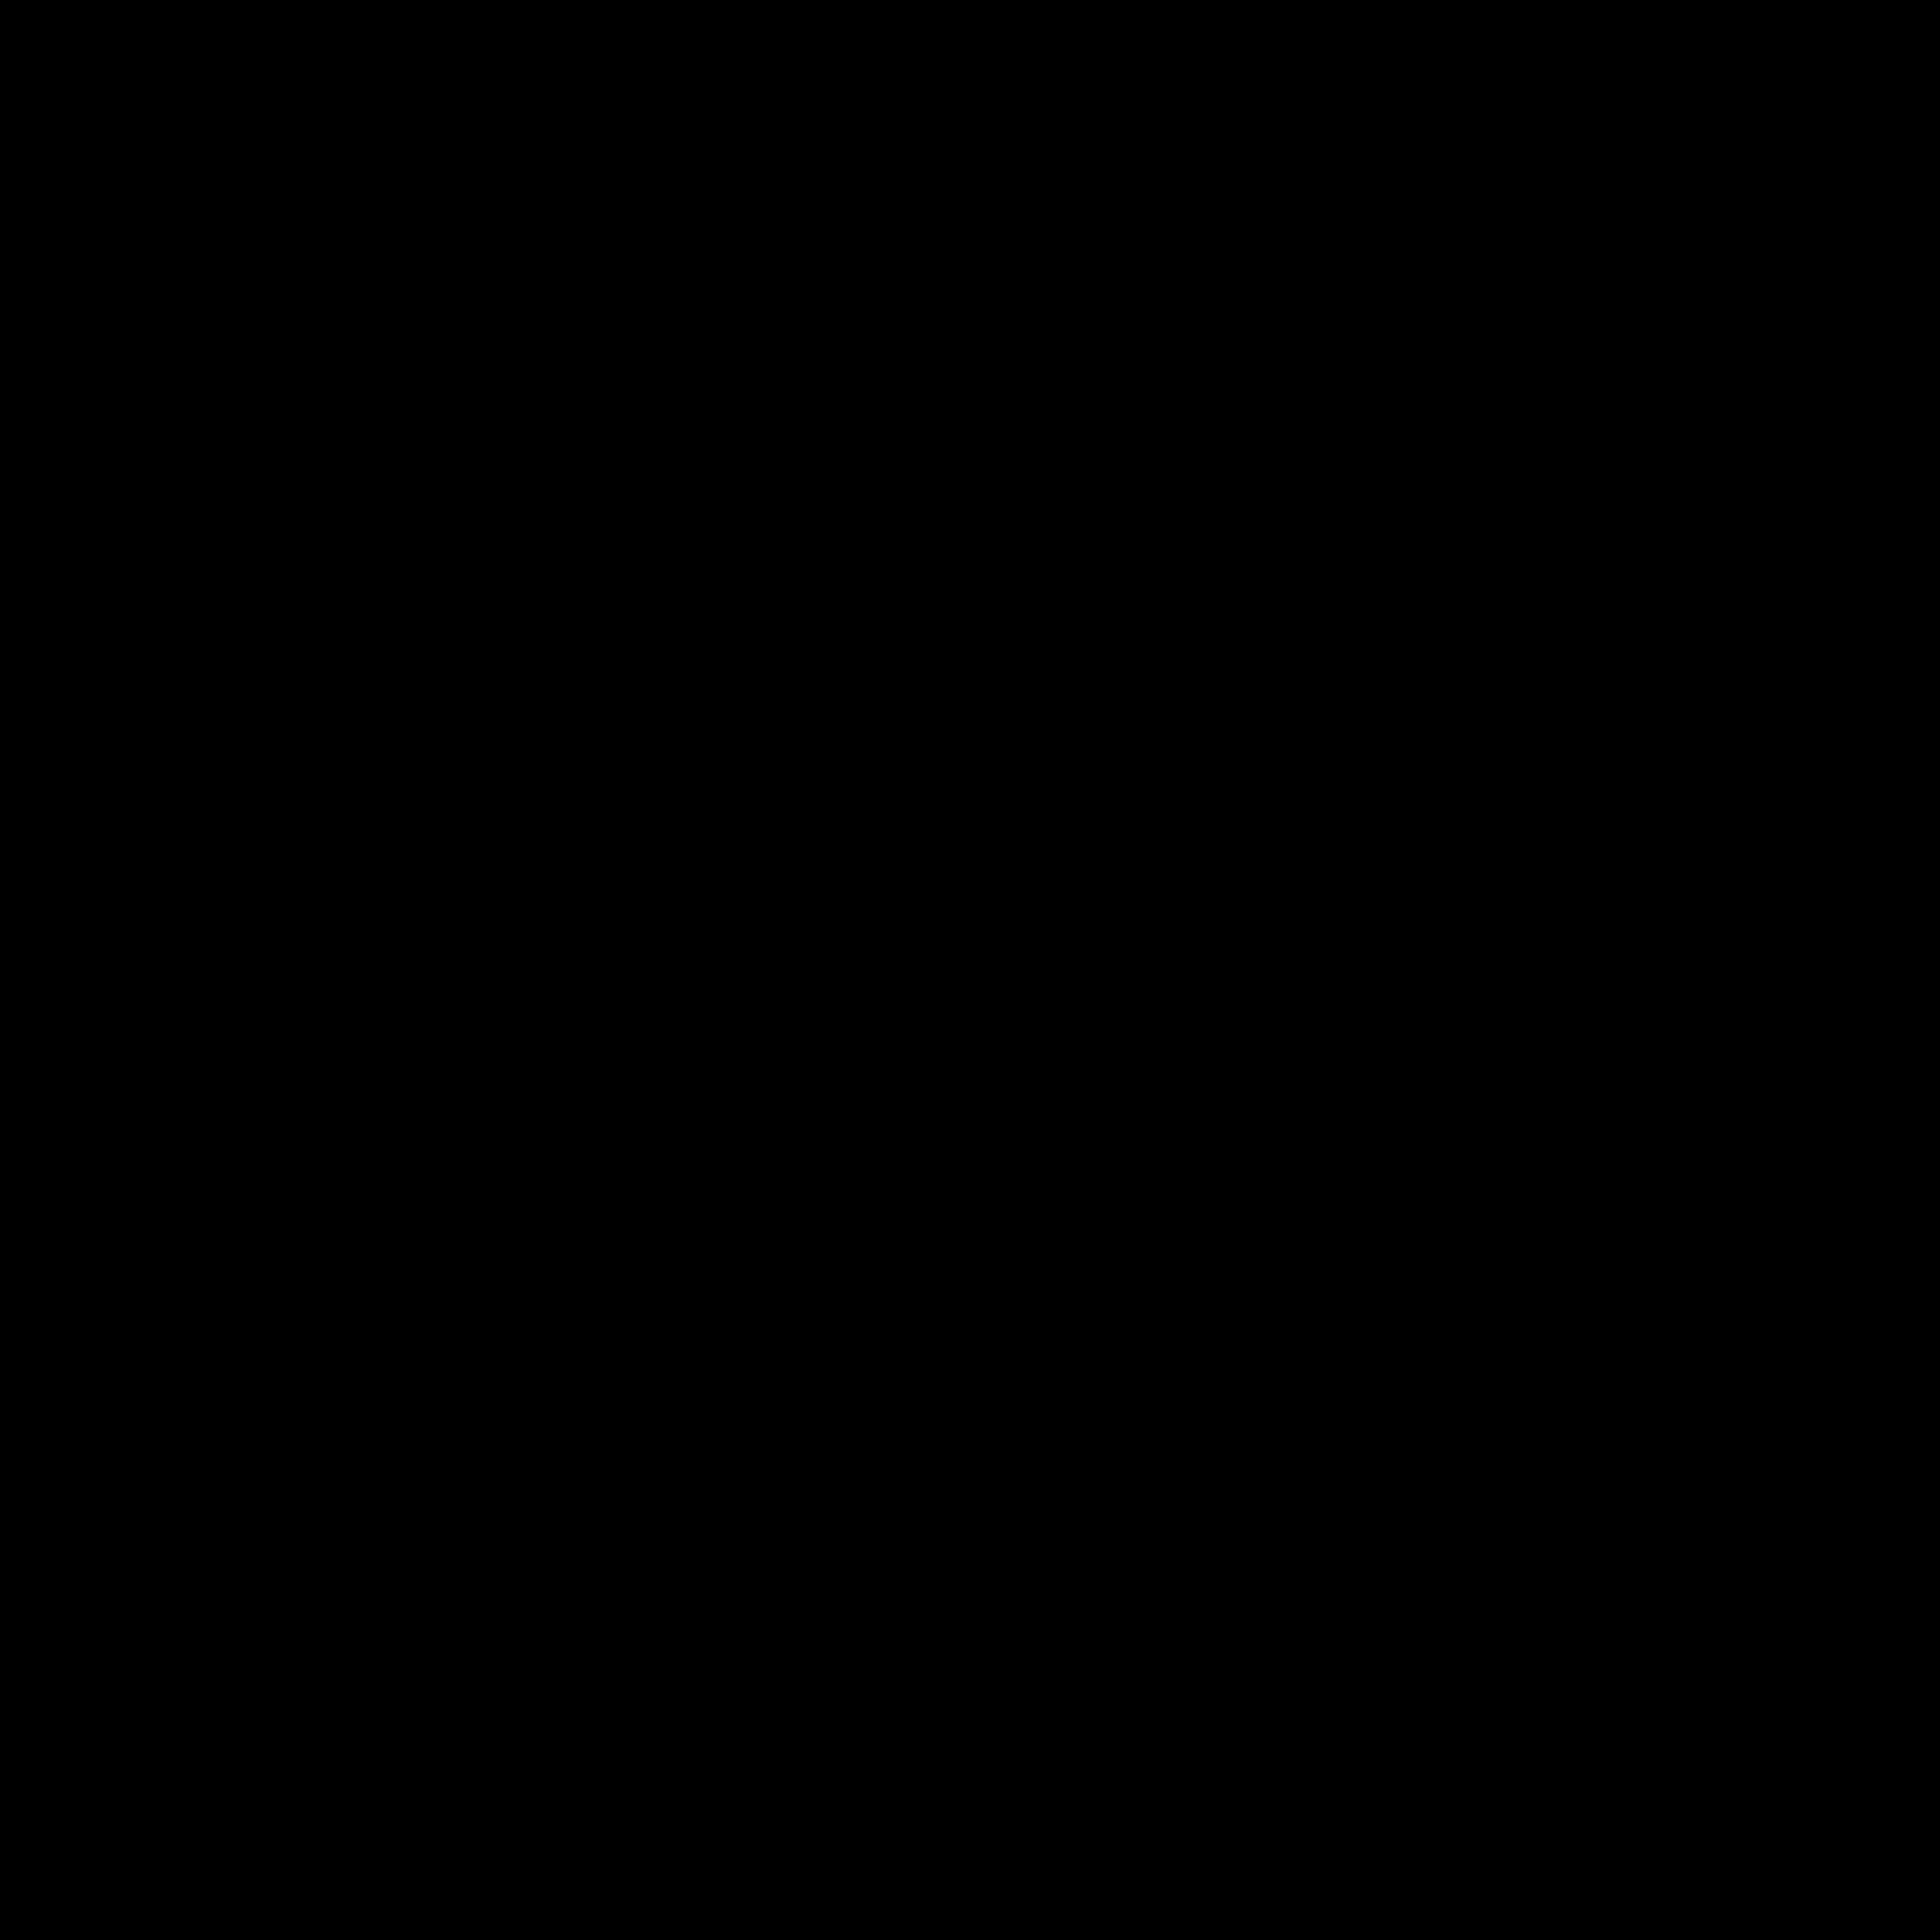 Asset Assured Management-social